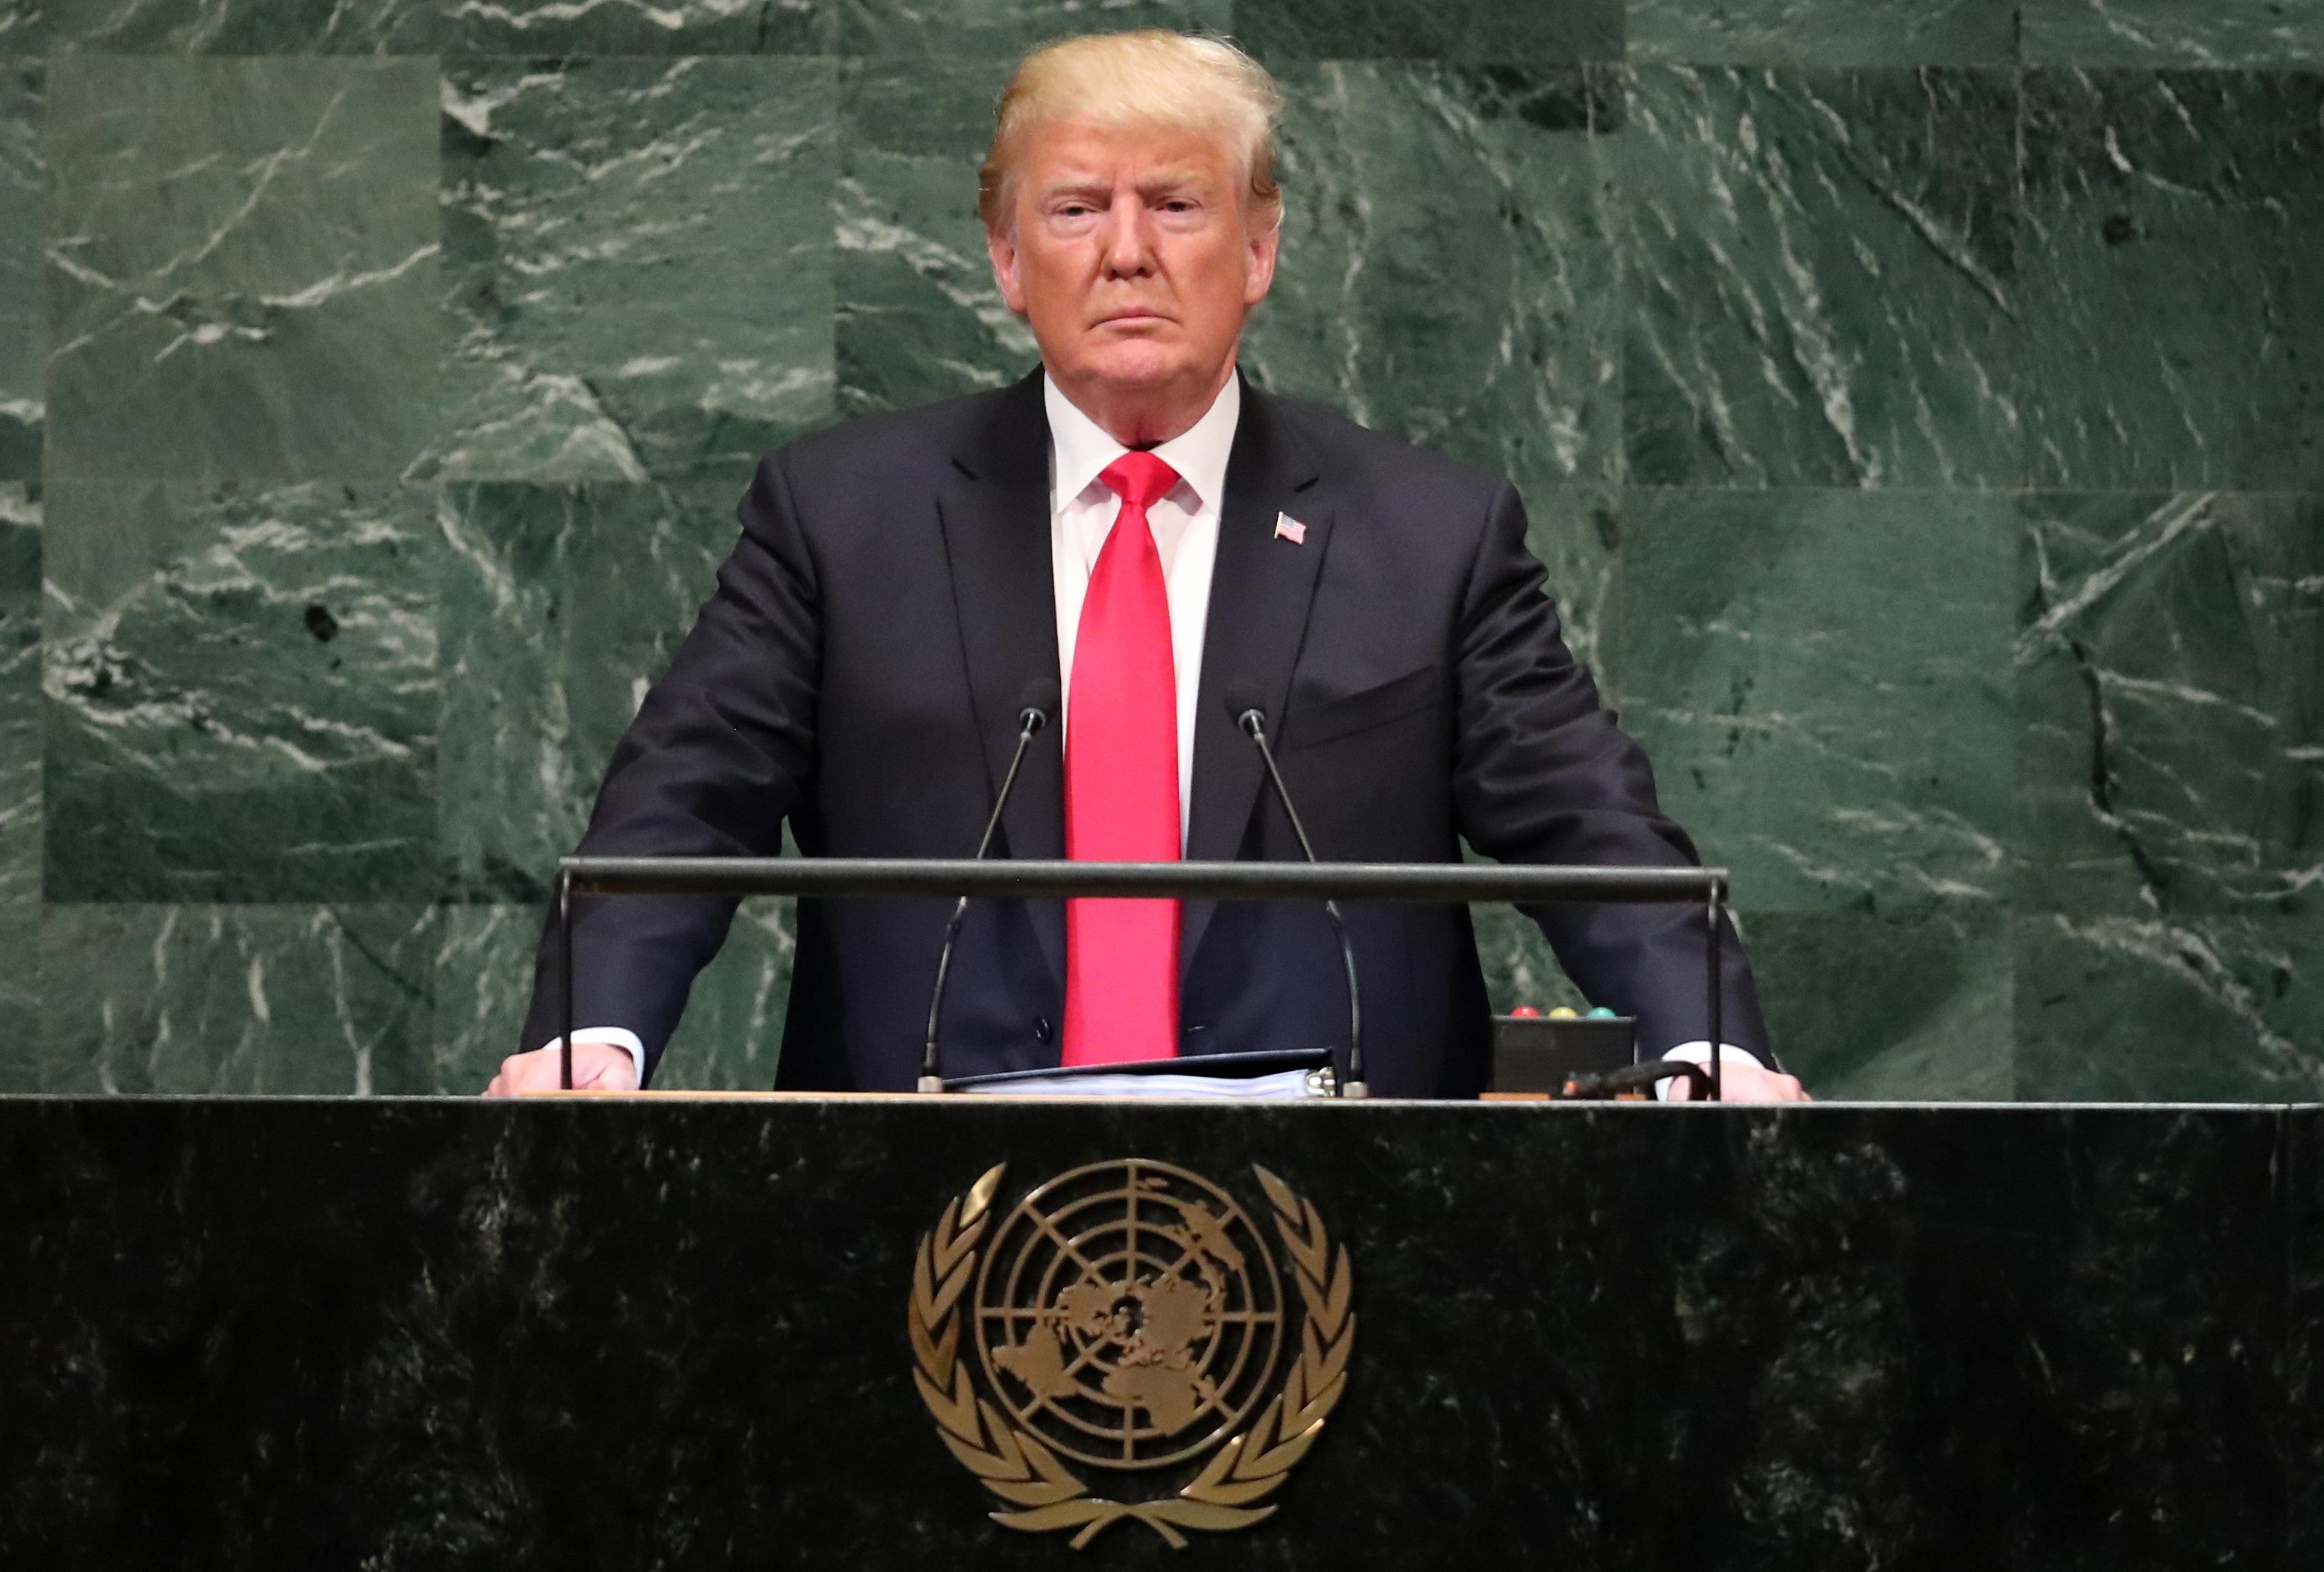 Τραμπ: Το Ιράν είναι μια διεφθαρμένη δικτατορία που σπέρνει χάος και